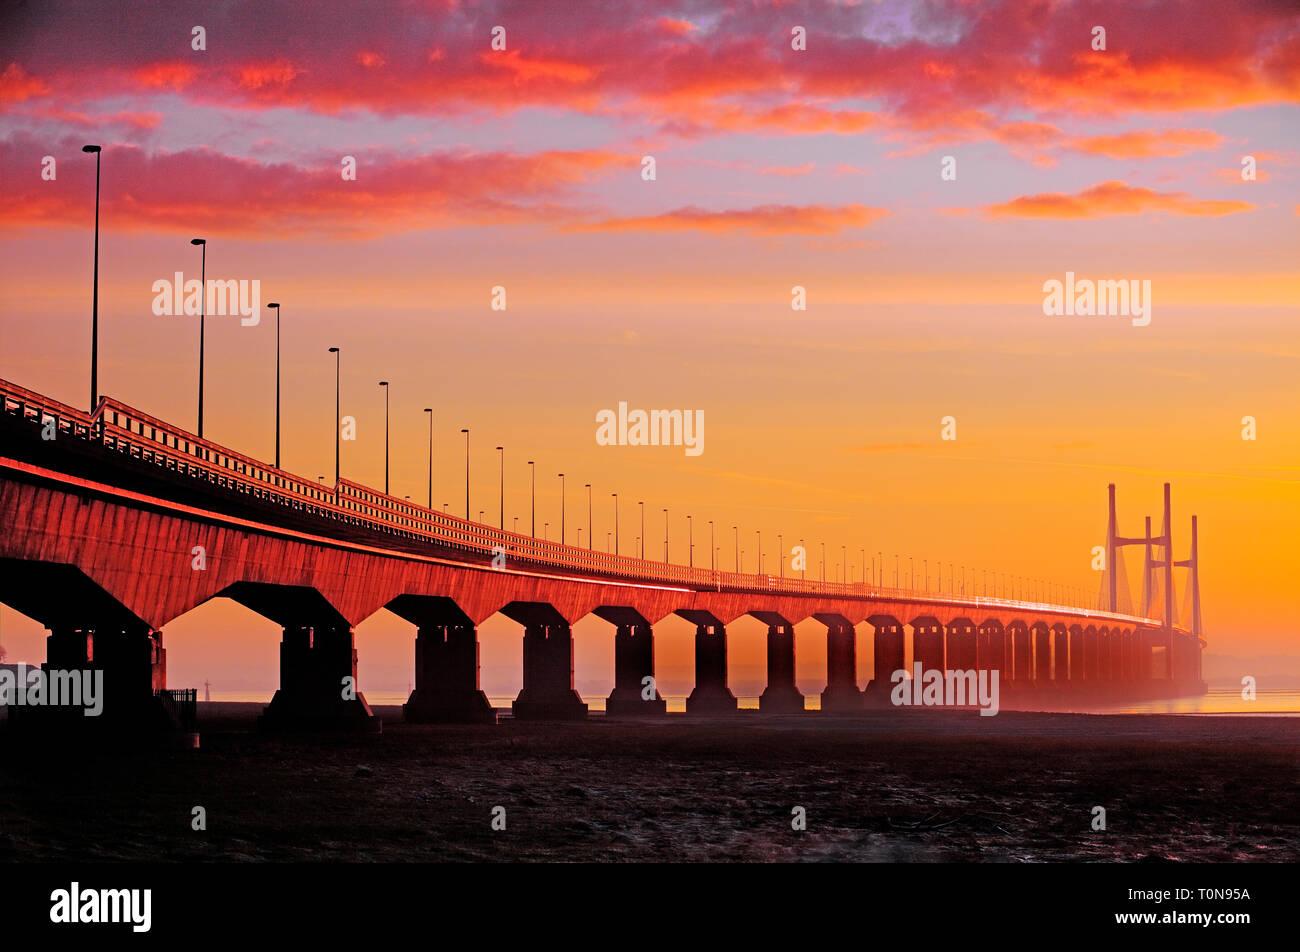 Gran Bretaña, Gales, río Severn. Severn Bridge al amanecer, montando uno de los mayores rangos de marea en el mundo. Foto de stock